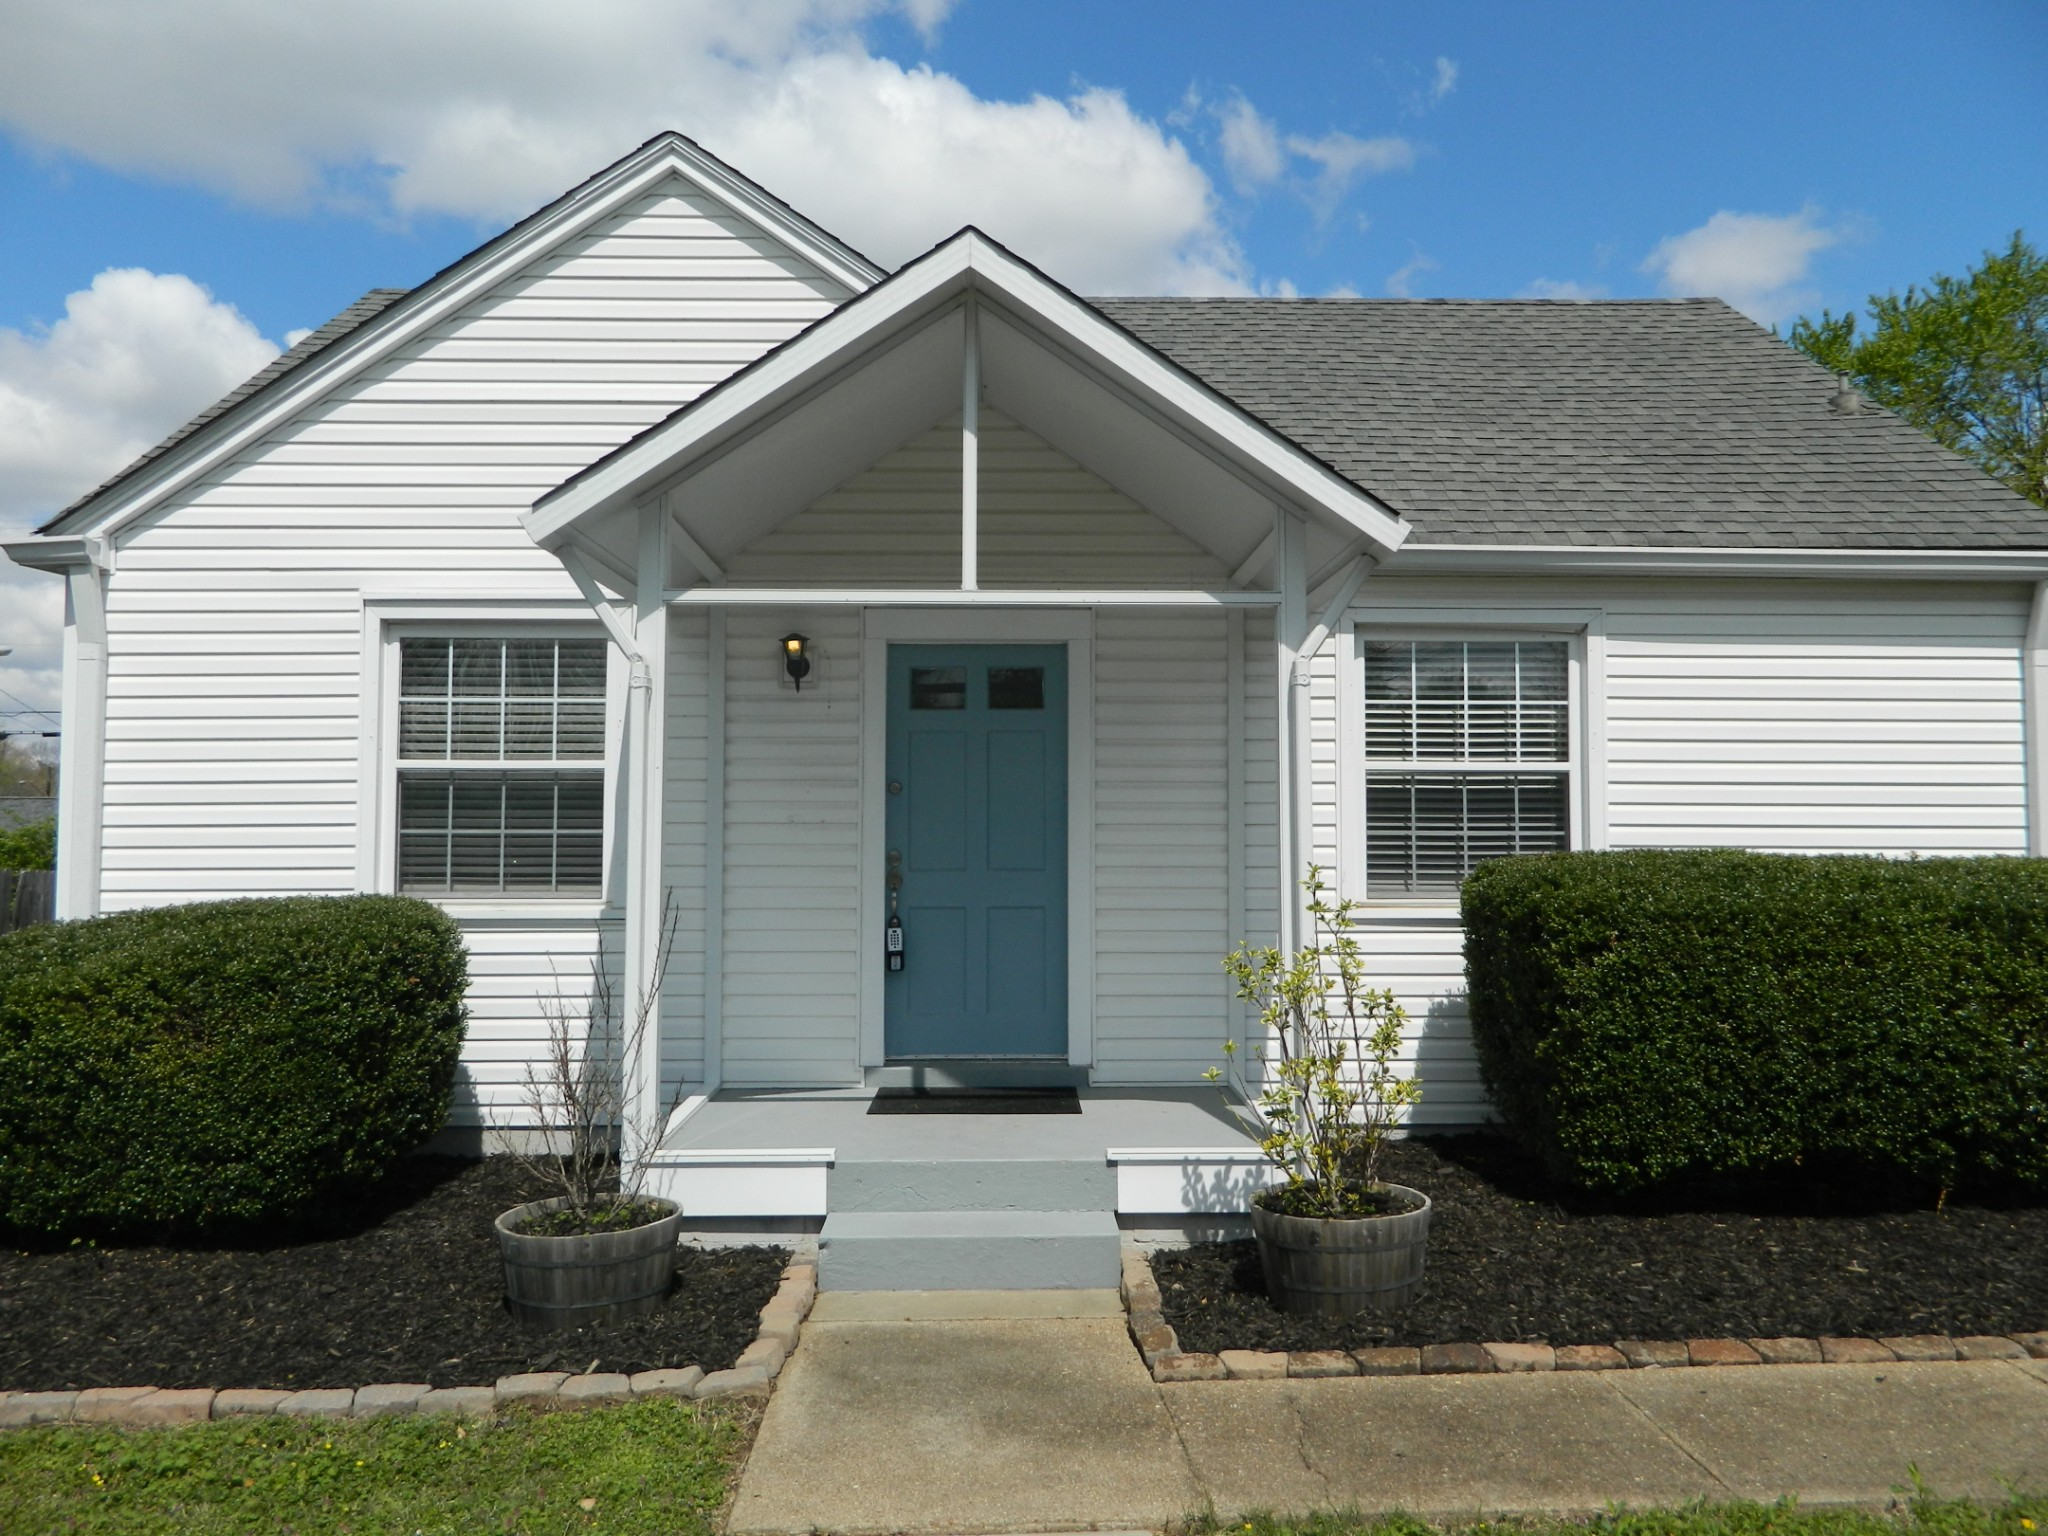 1304 Vultee Blvd, Nashville, TN 37217 - Nashville, TN real estate listing